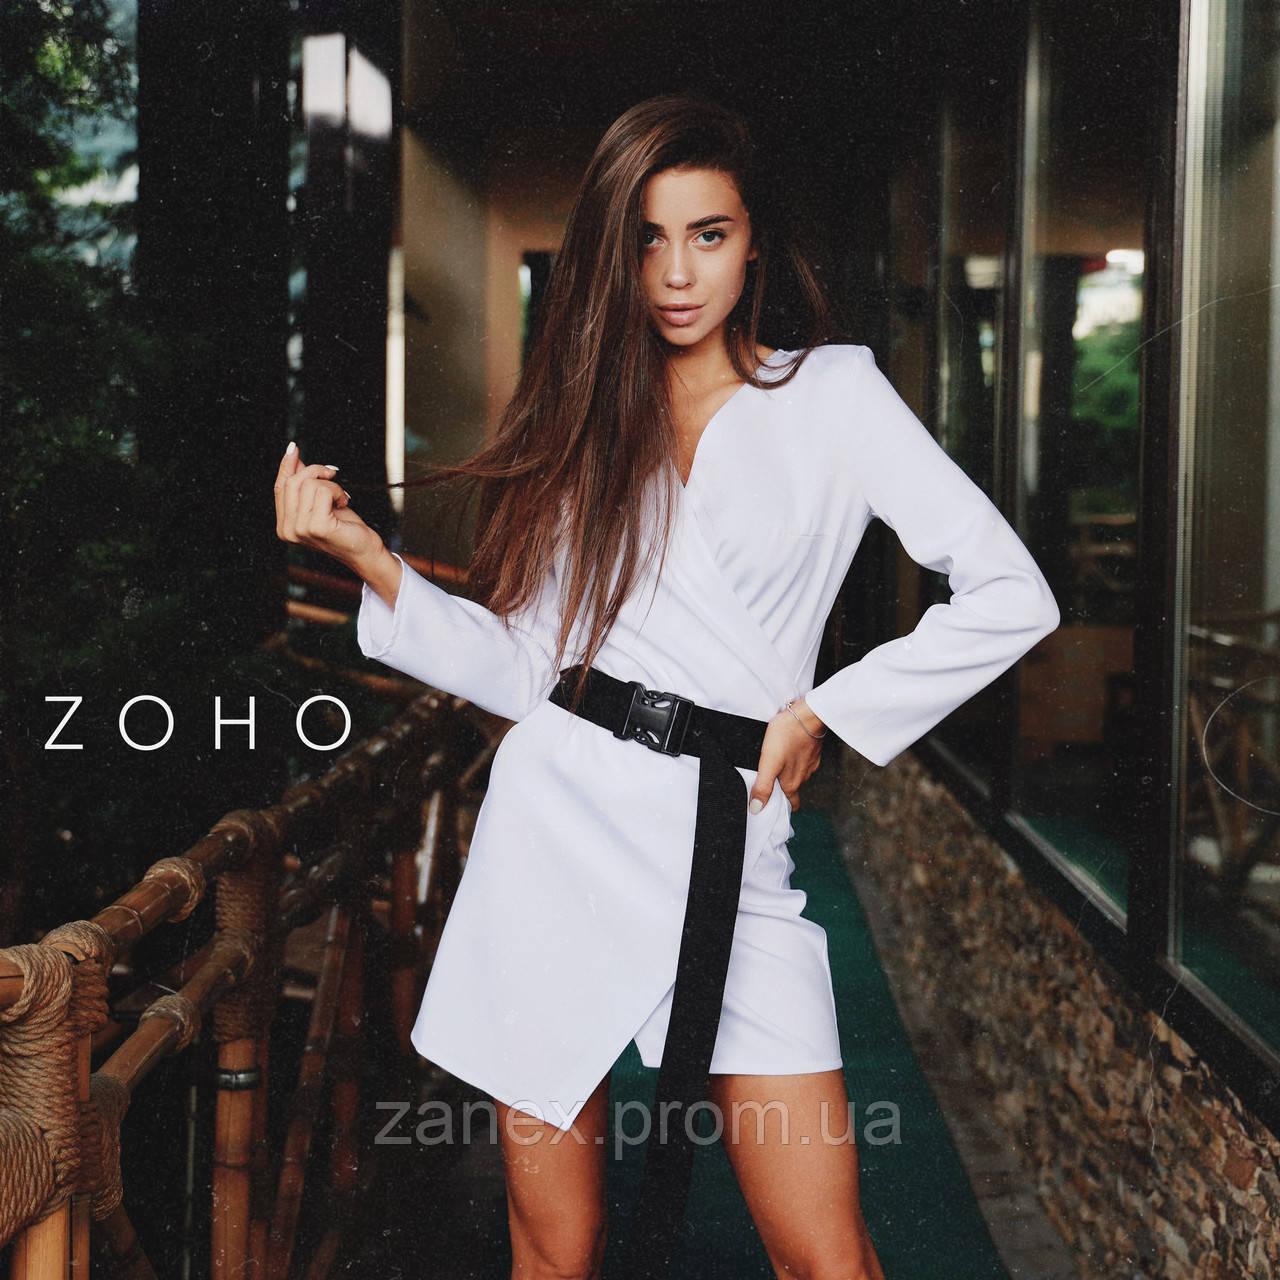 Платье Zanex «Кико», белое